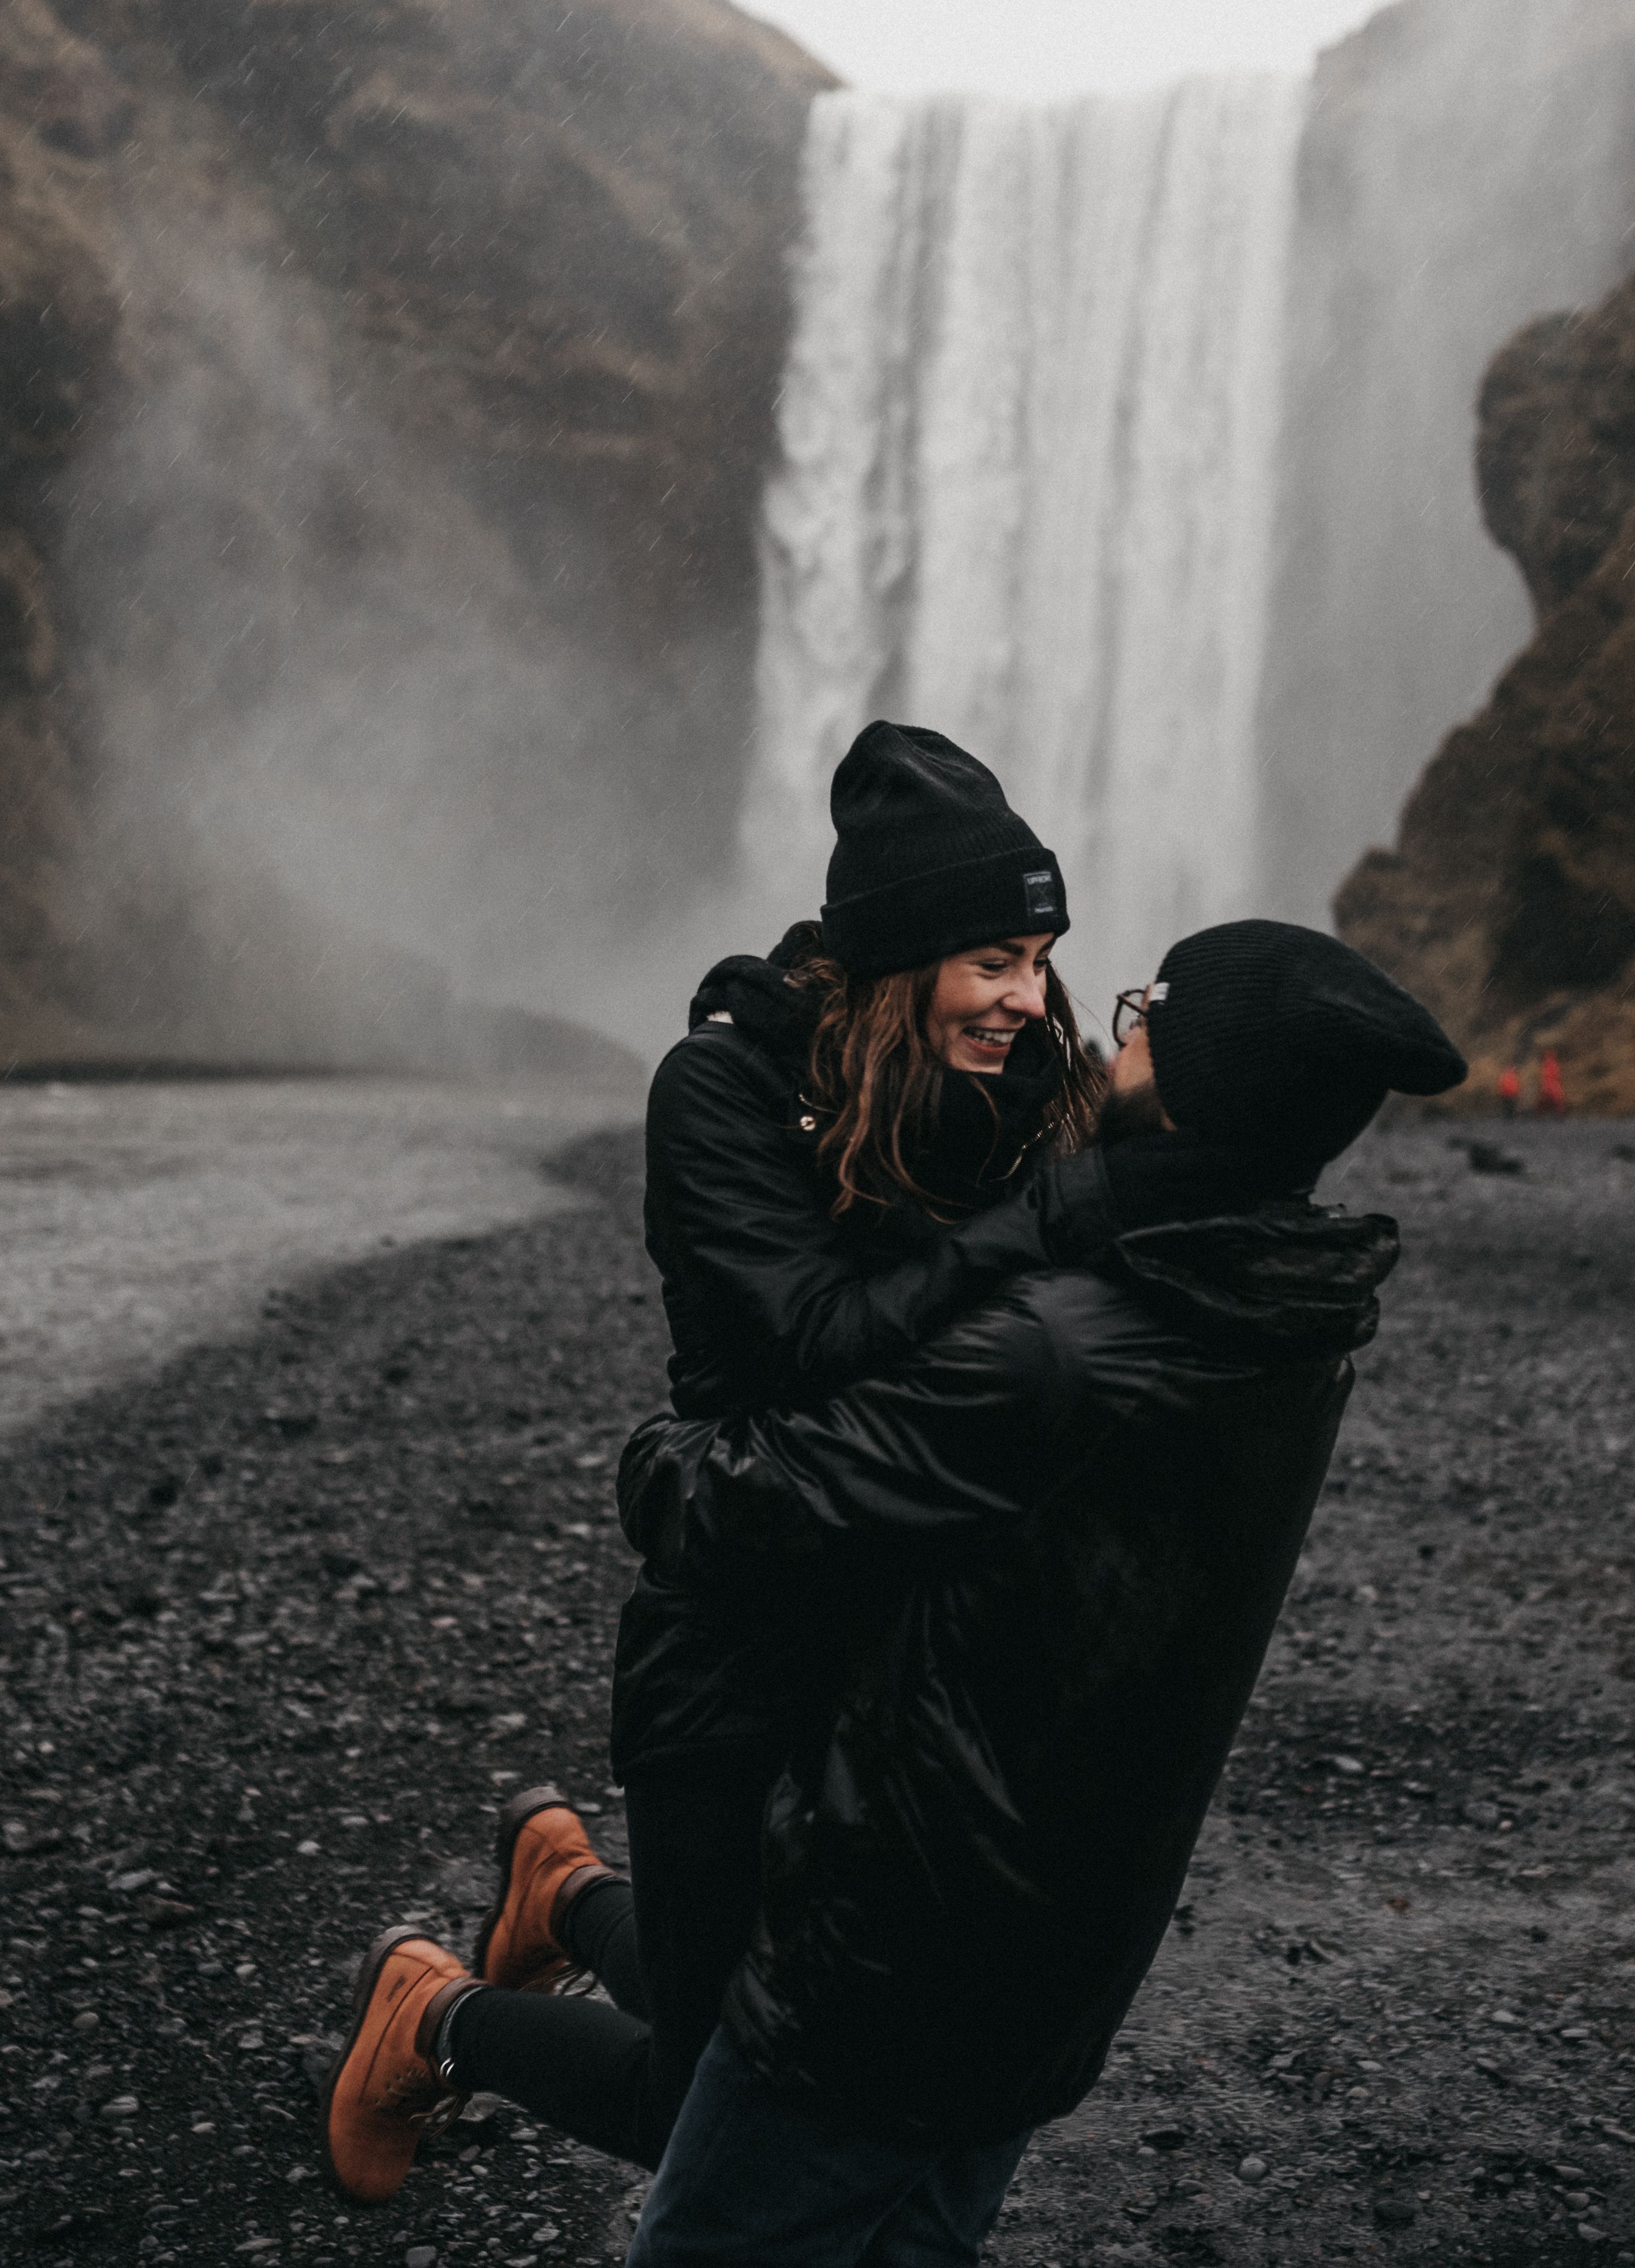 Iceland engagement photo | Iceland wedding photography ...